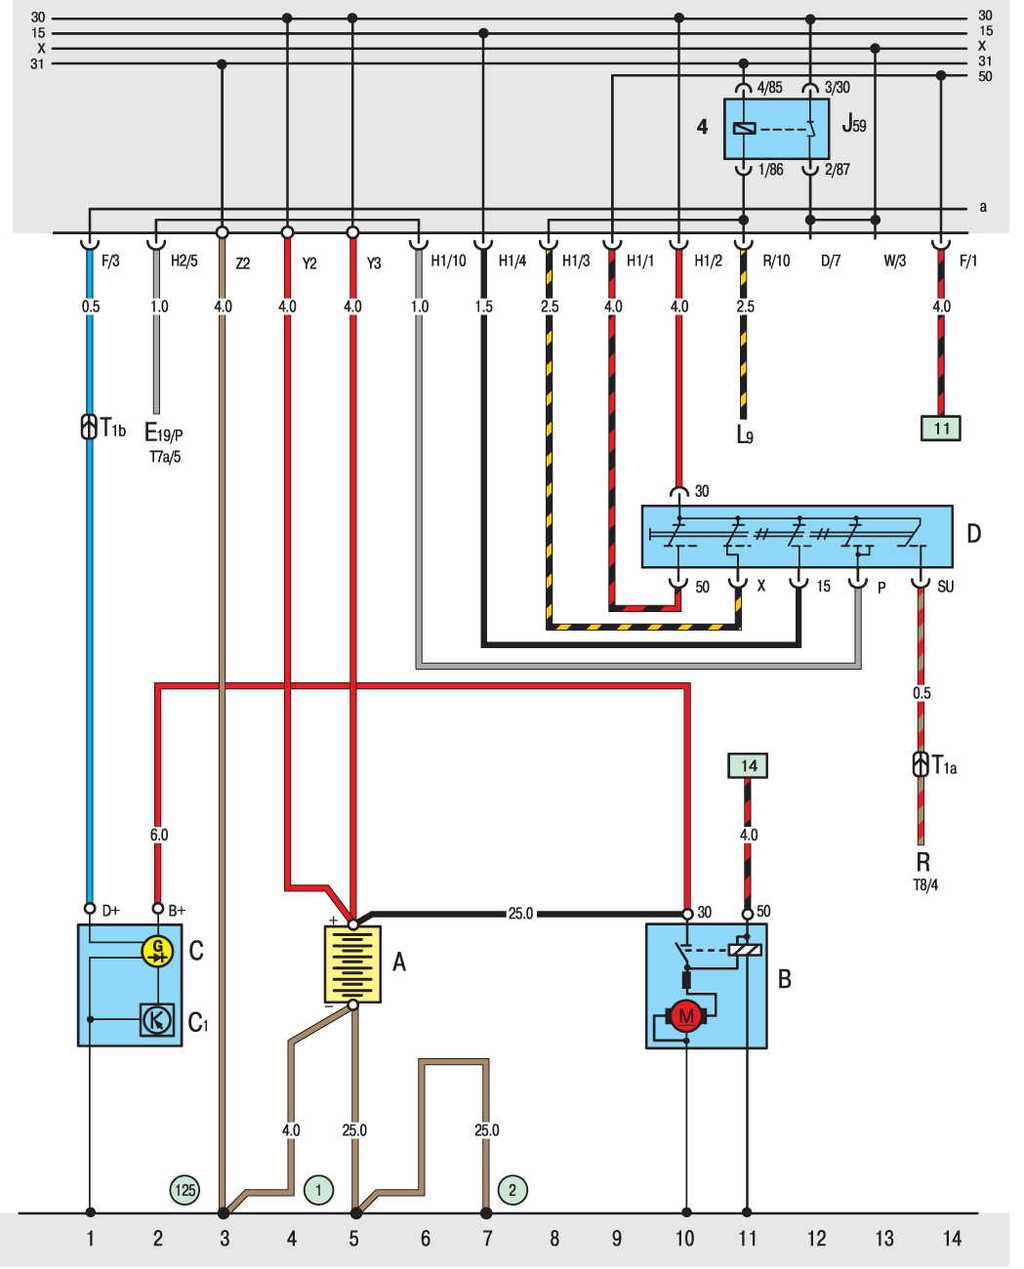 Транспортер т3 электросхема строительство элеваторов оборудования для элеваторов